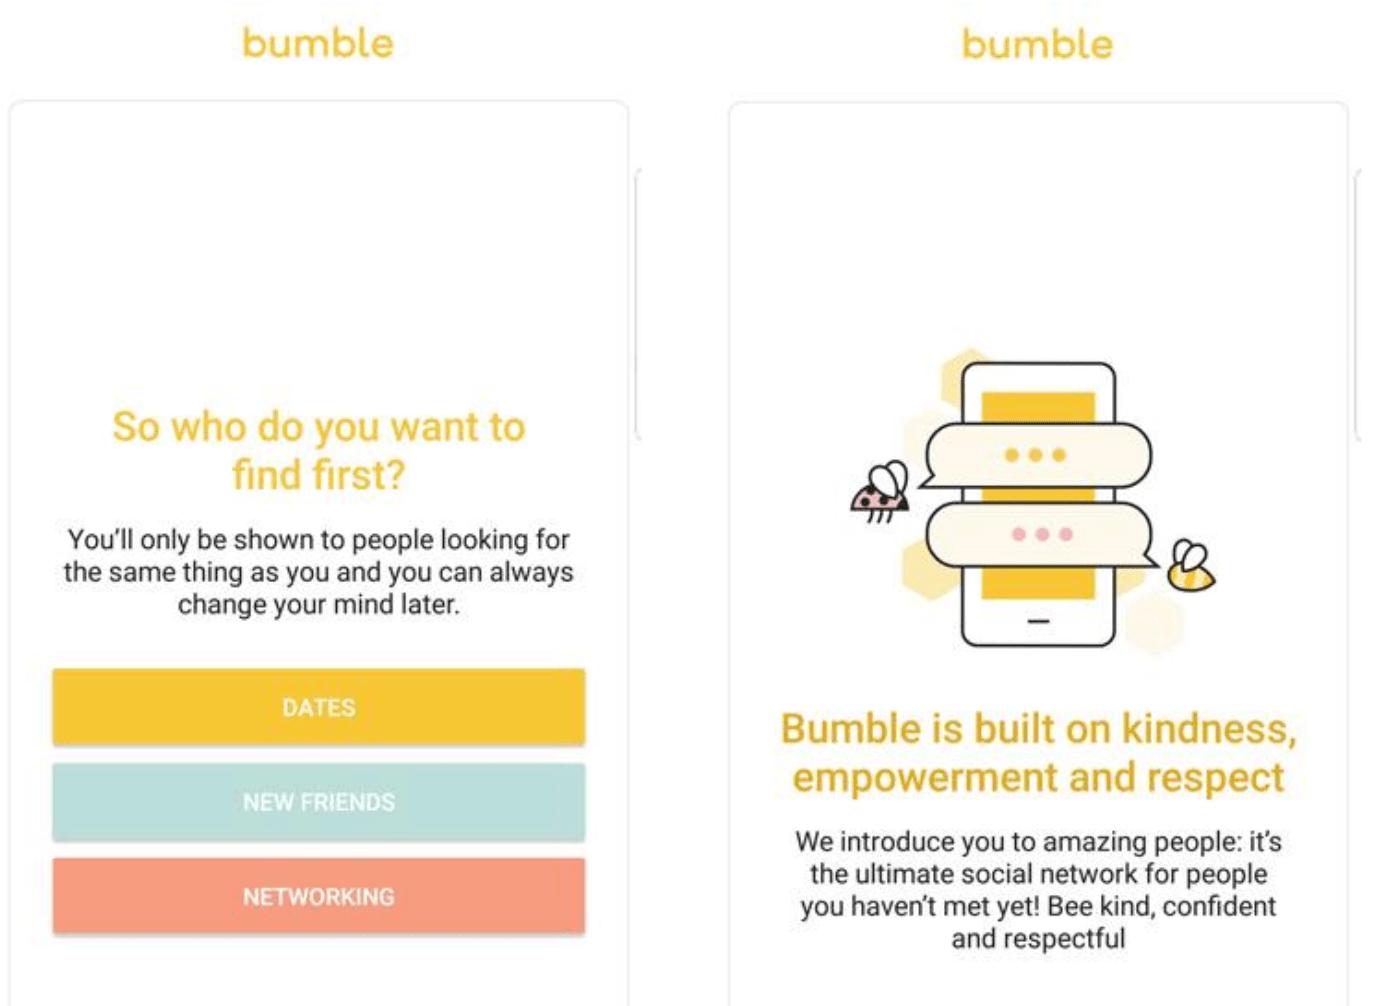 bumble vs tinder